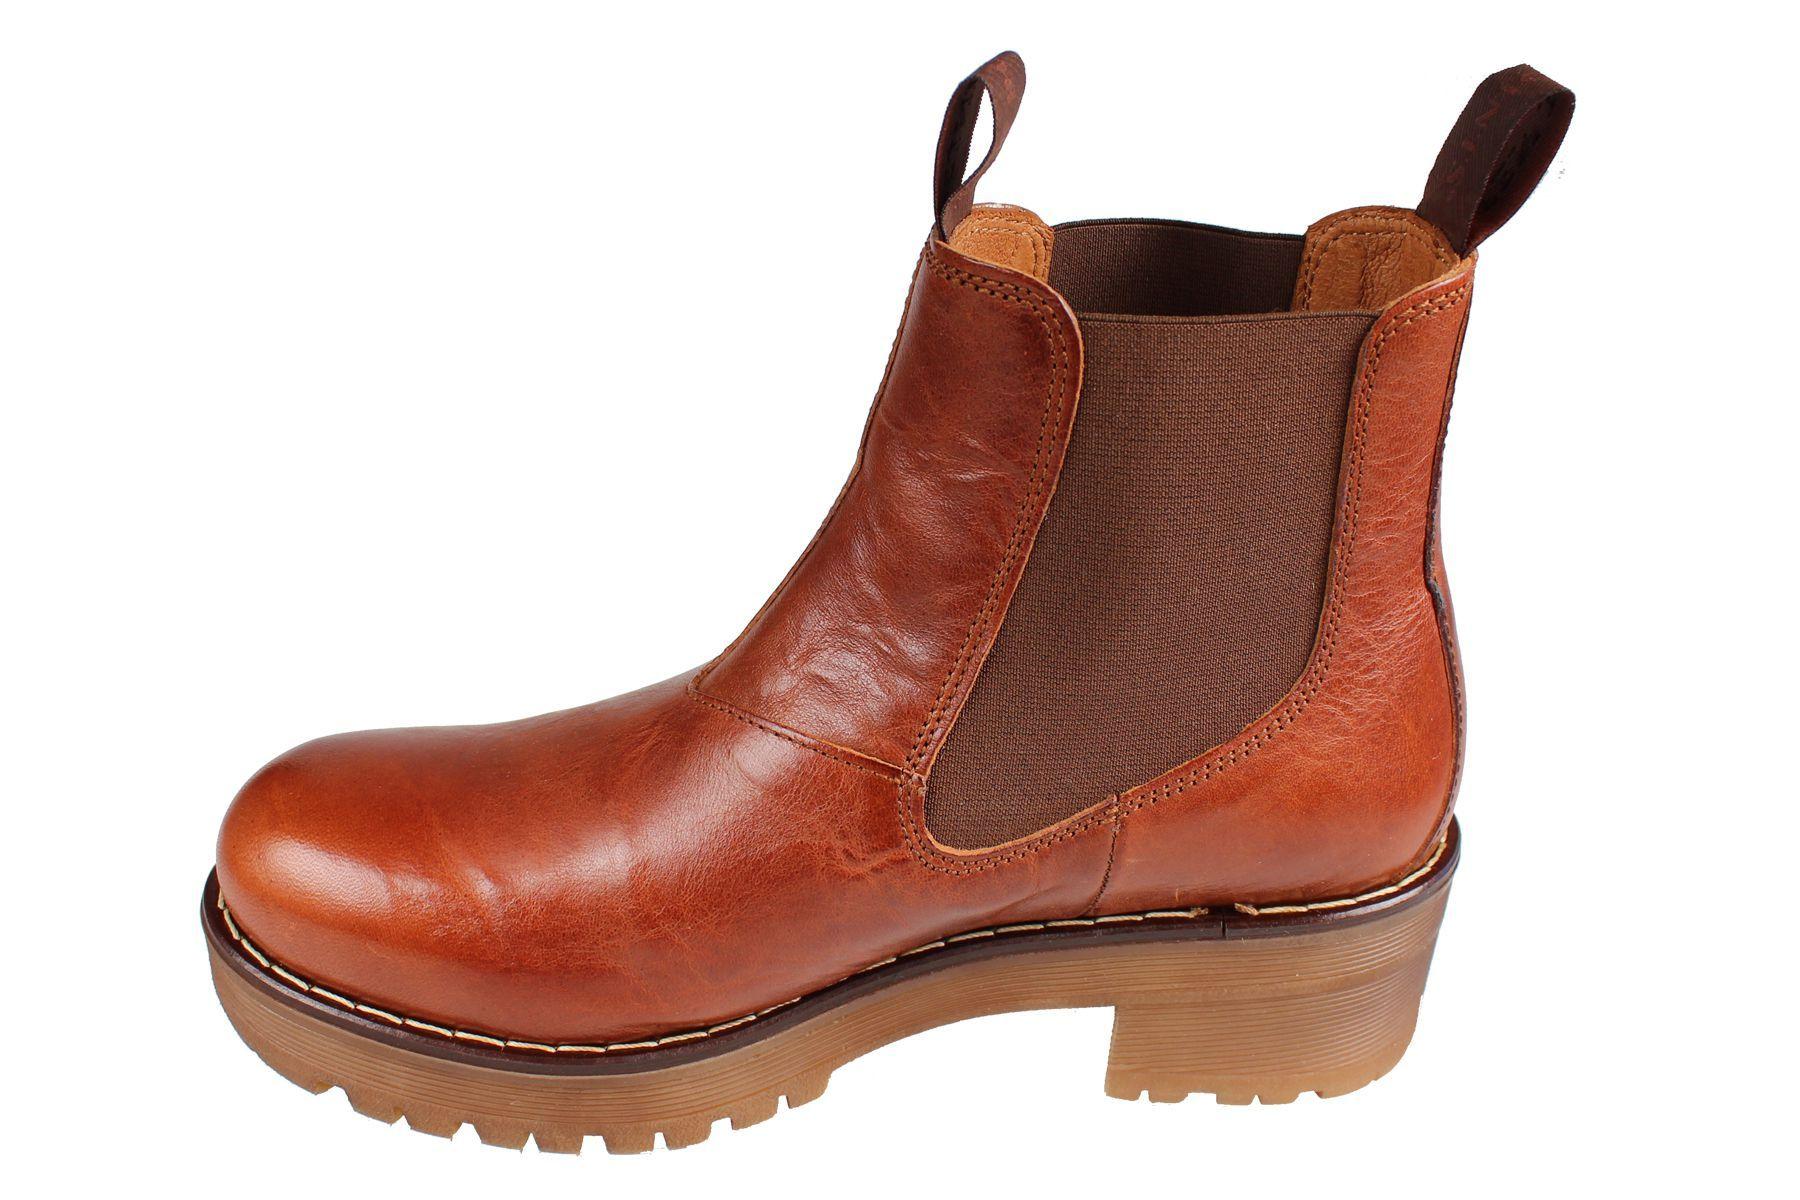 Clarisse Chelsea Boot Cognac